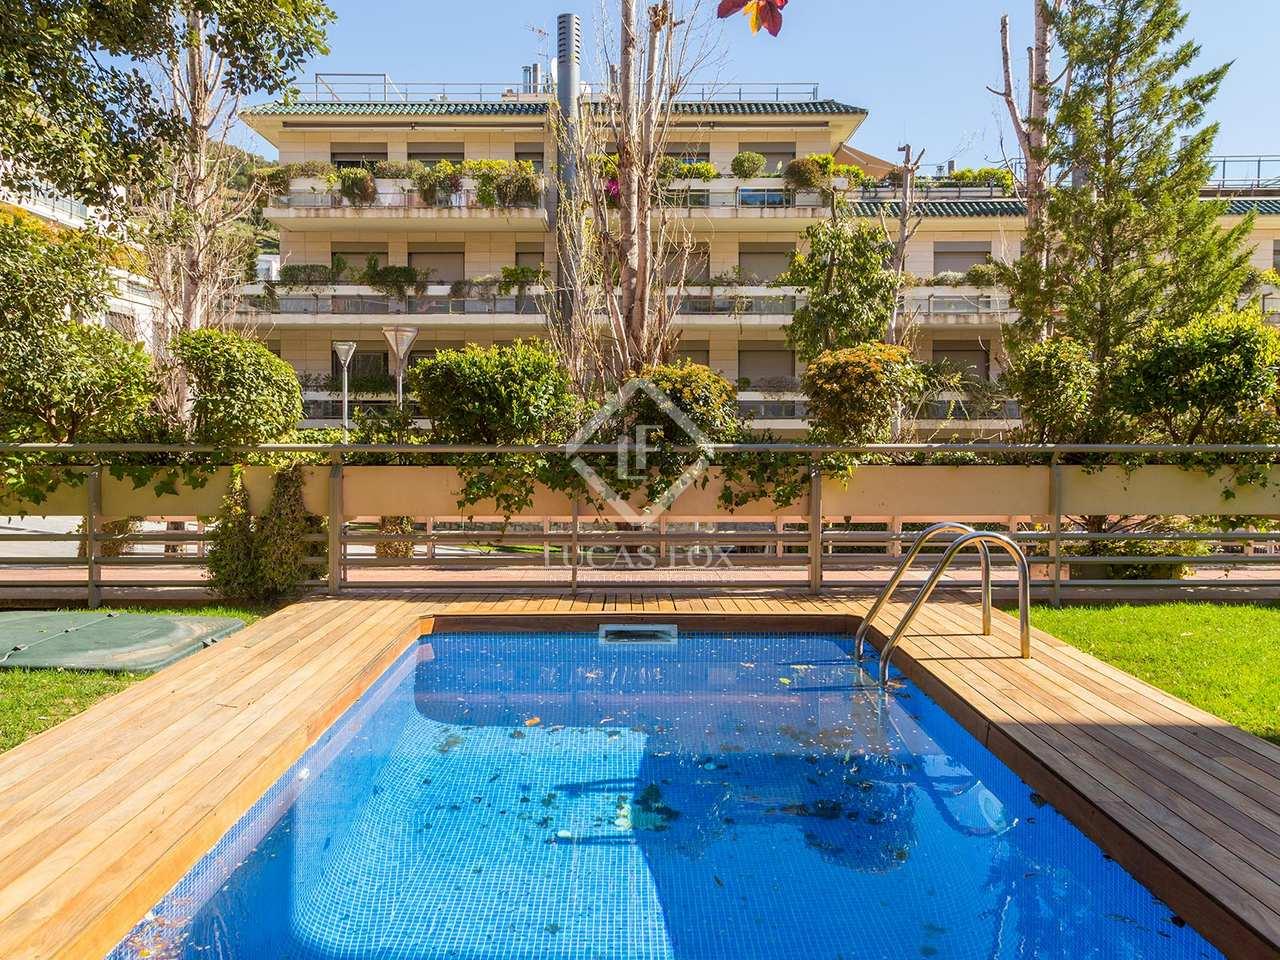 Casa en alquiler en la zona alta de barcelona for Casa con jardin alquiler barcelona